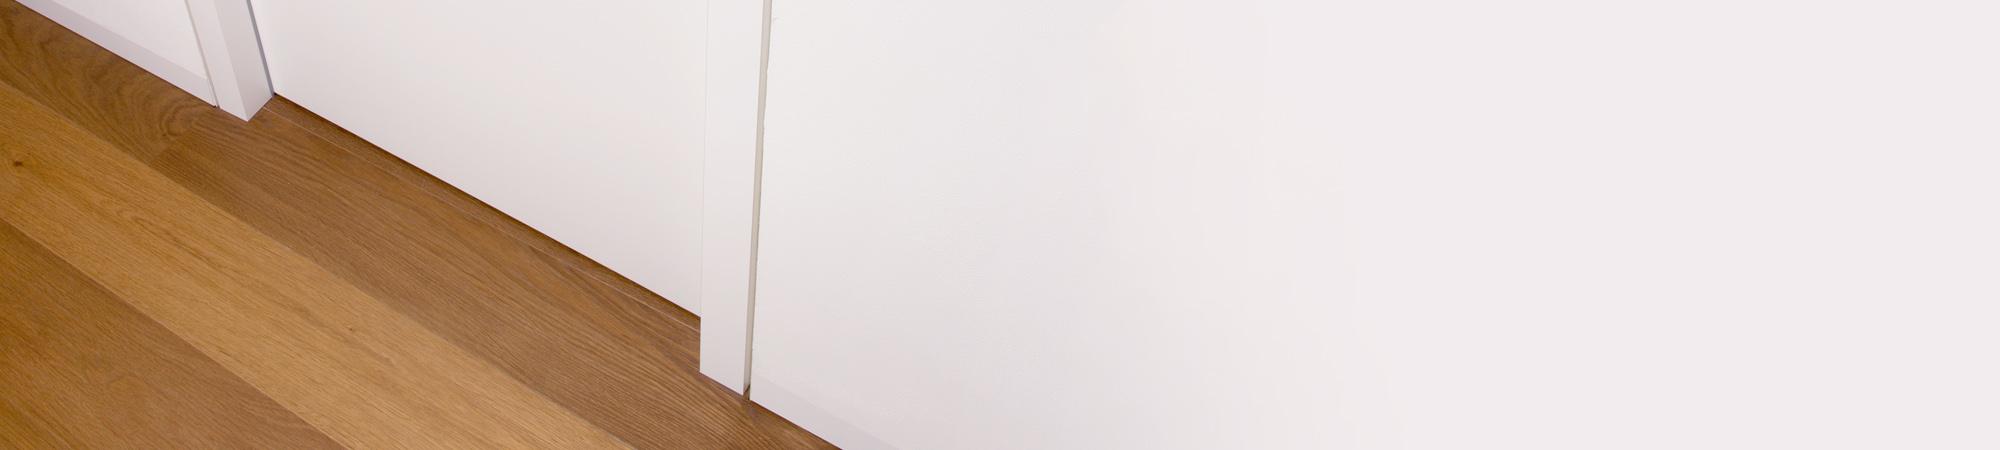 nawierzchniowe listwy przypod ogowe produkty halmeks. Black Bedroom Furniture Sets. Home Design Ideas